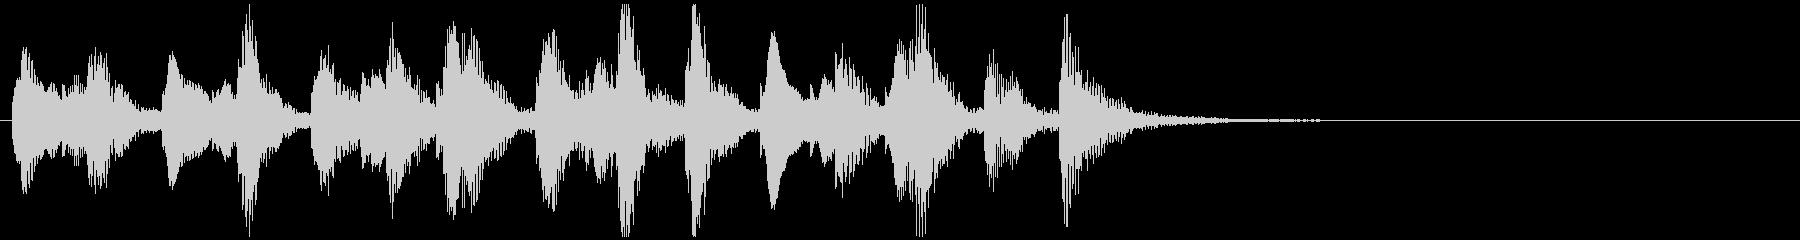 のほほんジングル039_元気-3の未再生の波形